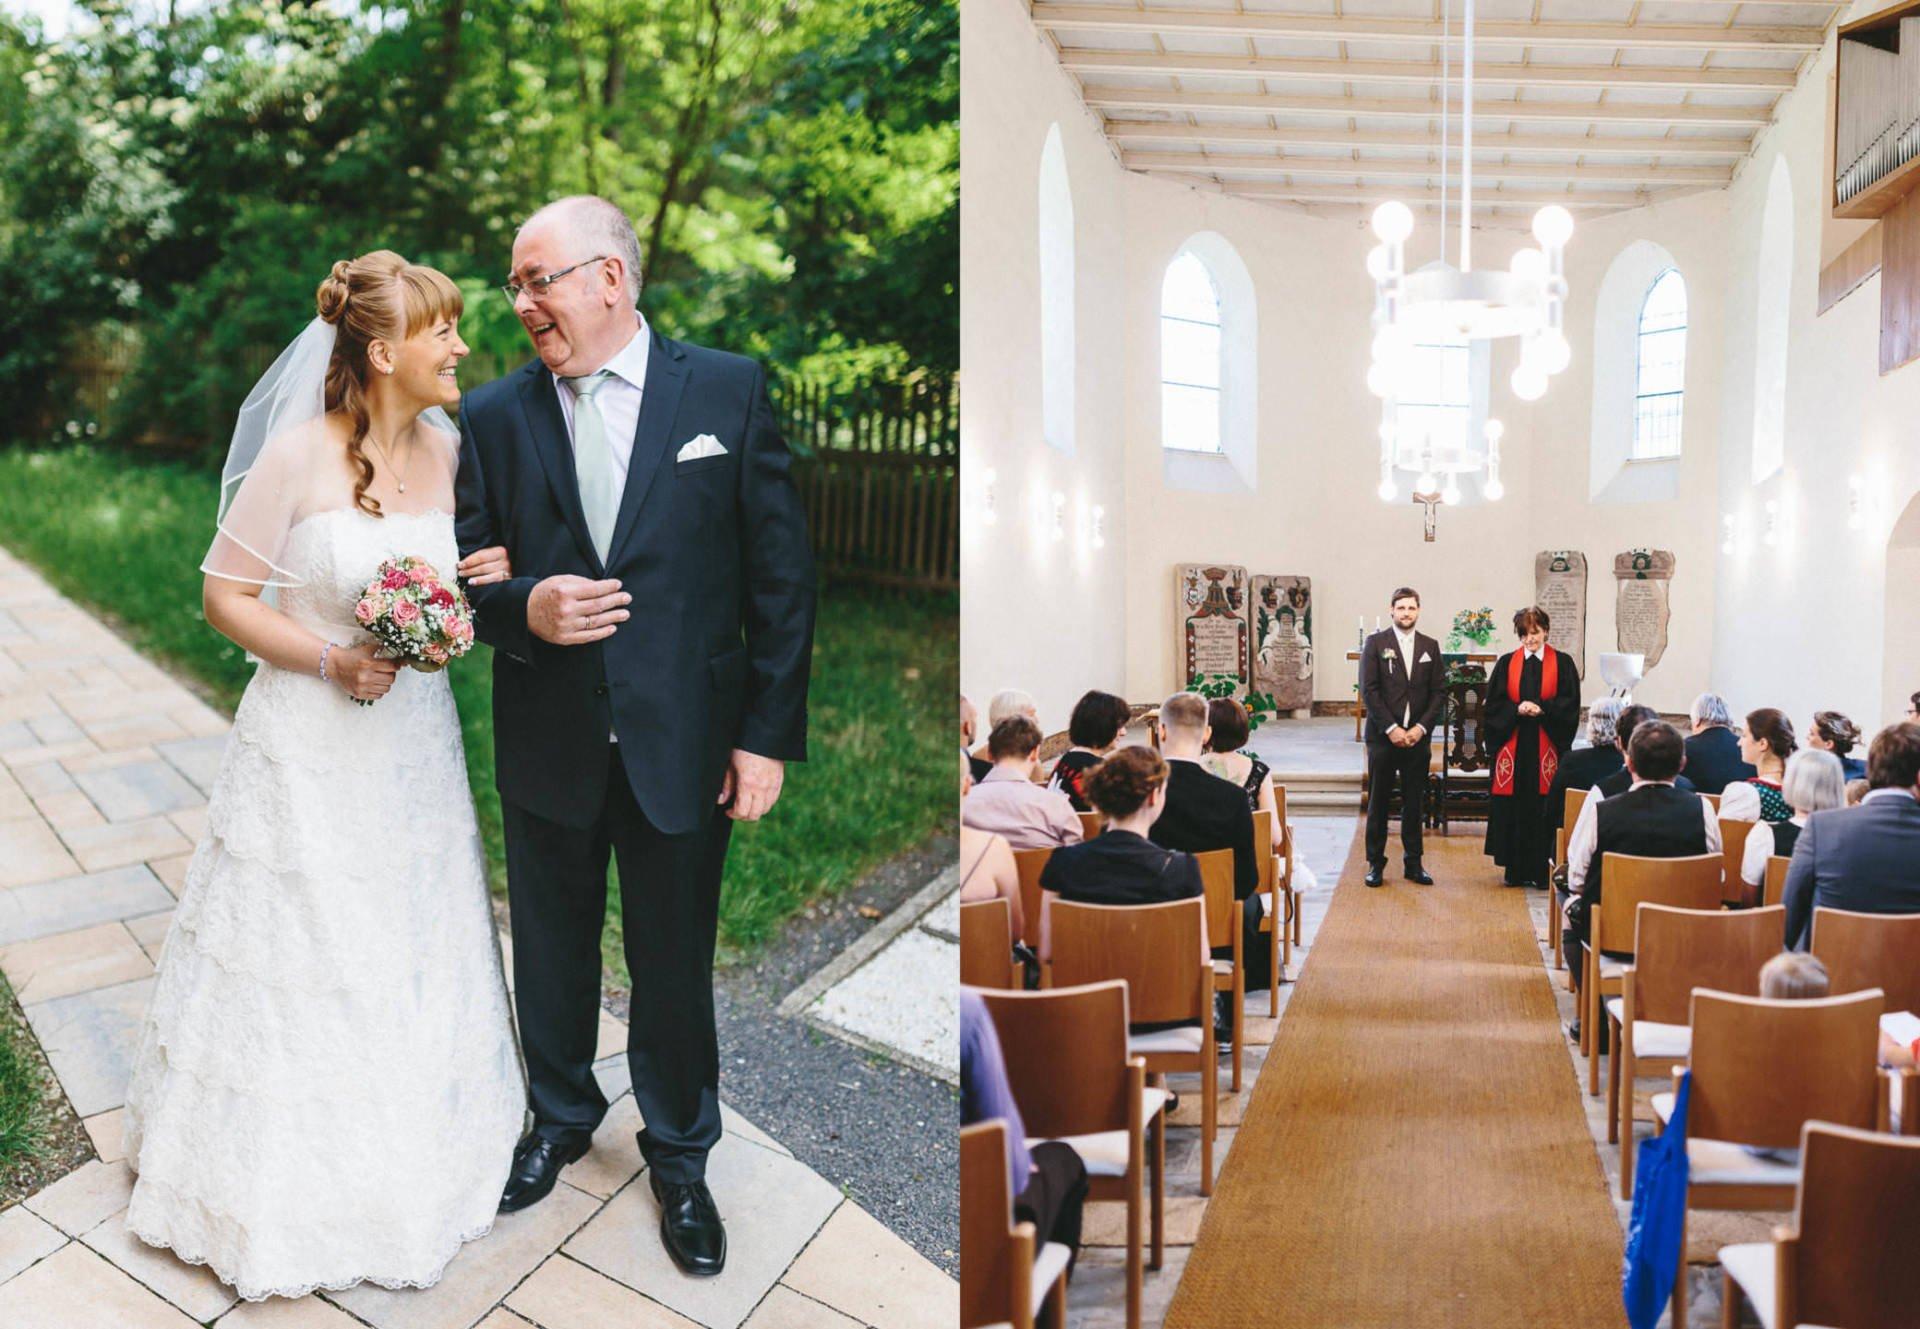 Bayrische Hochzeit Collage 2 - Bayrische Jagdhüttenhochzeit in Thüringen